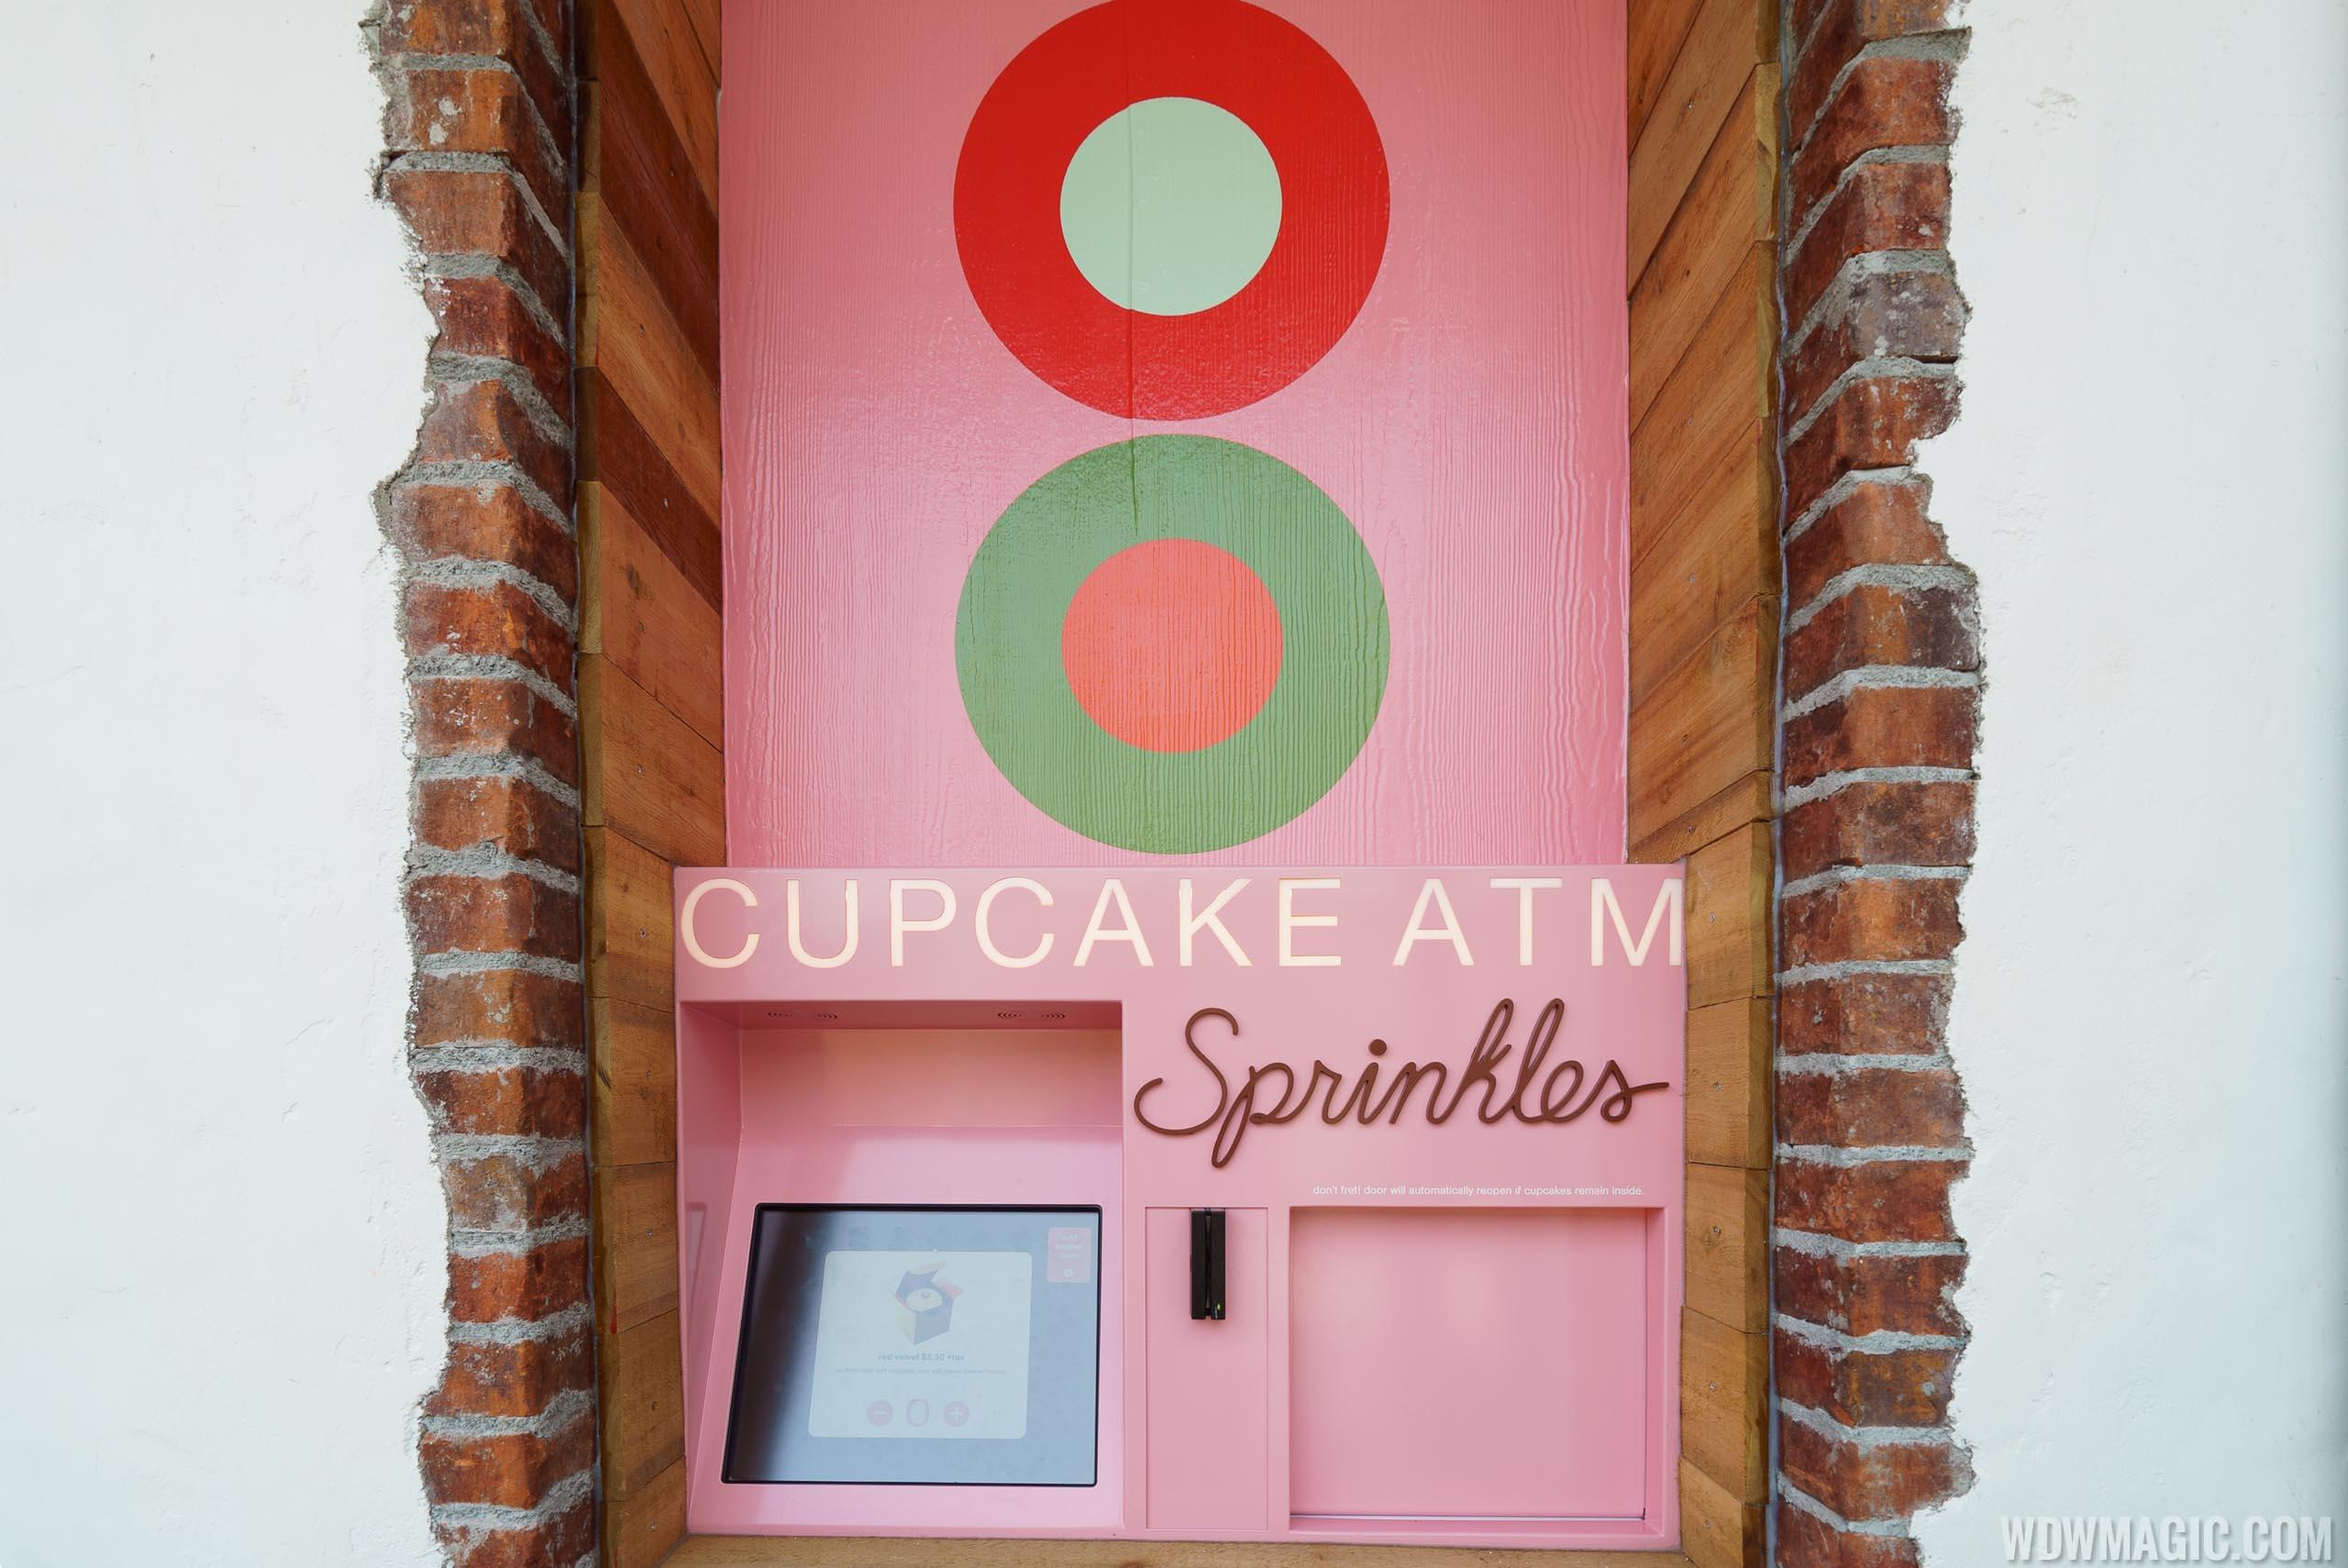 Cupcake ATM at Sprinkles in Disney Springs